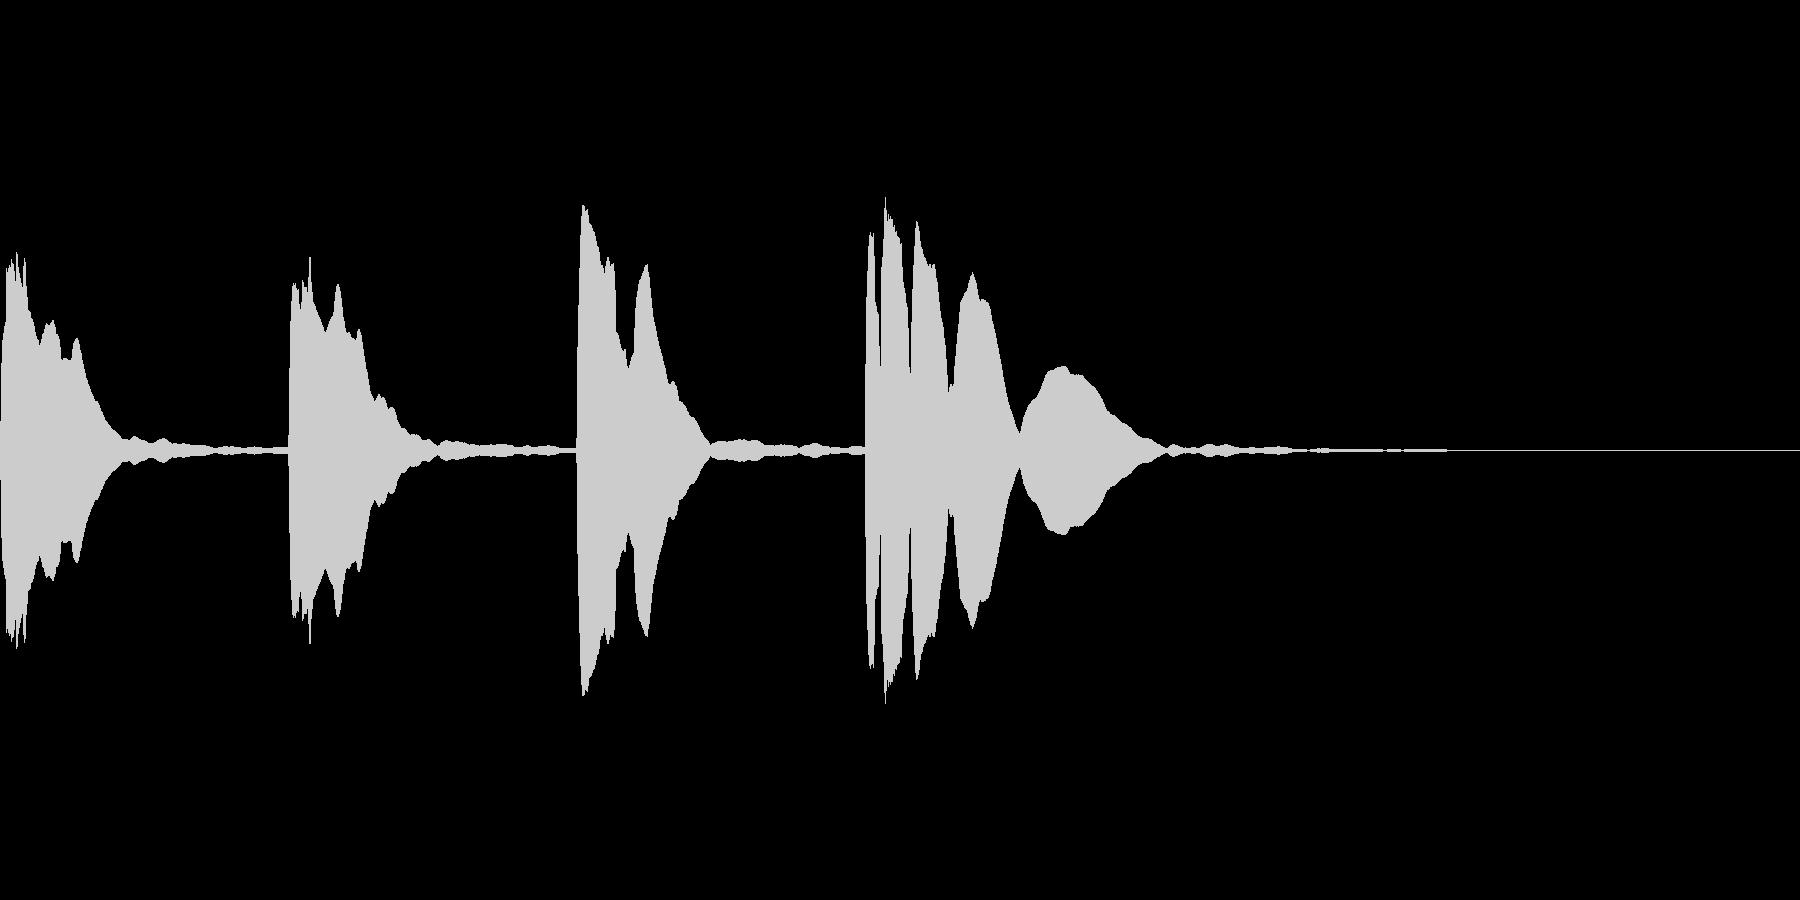 カウントダウン3.2.1.Go!!の未再生の波形